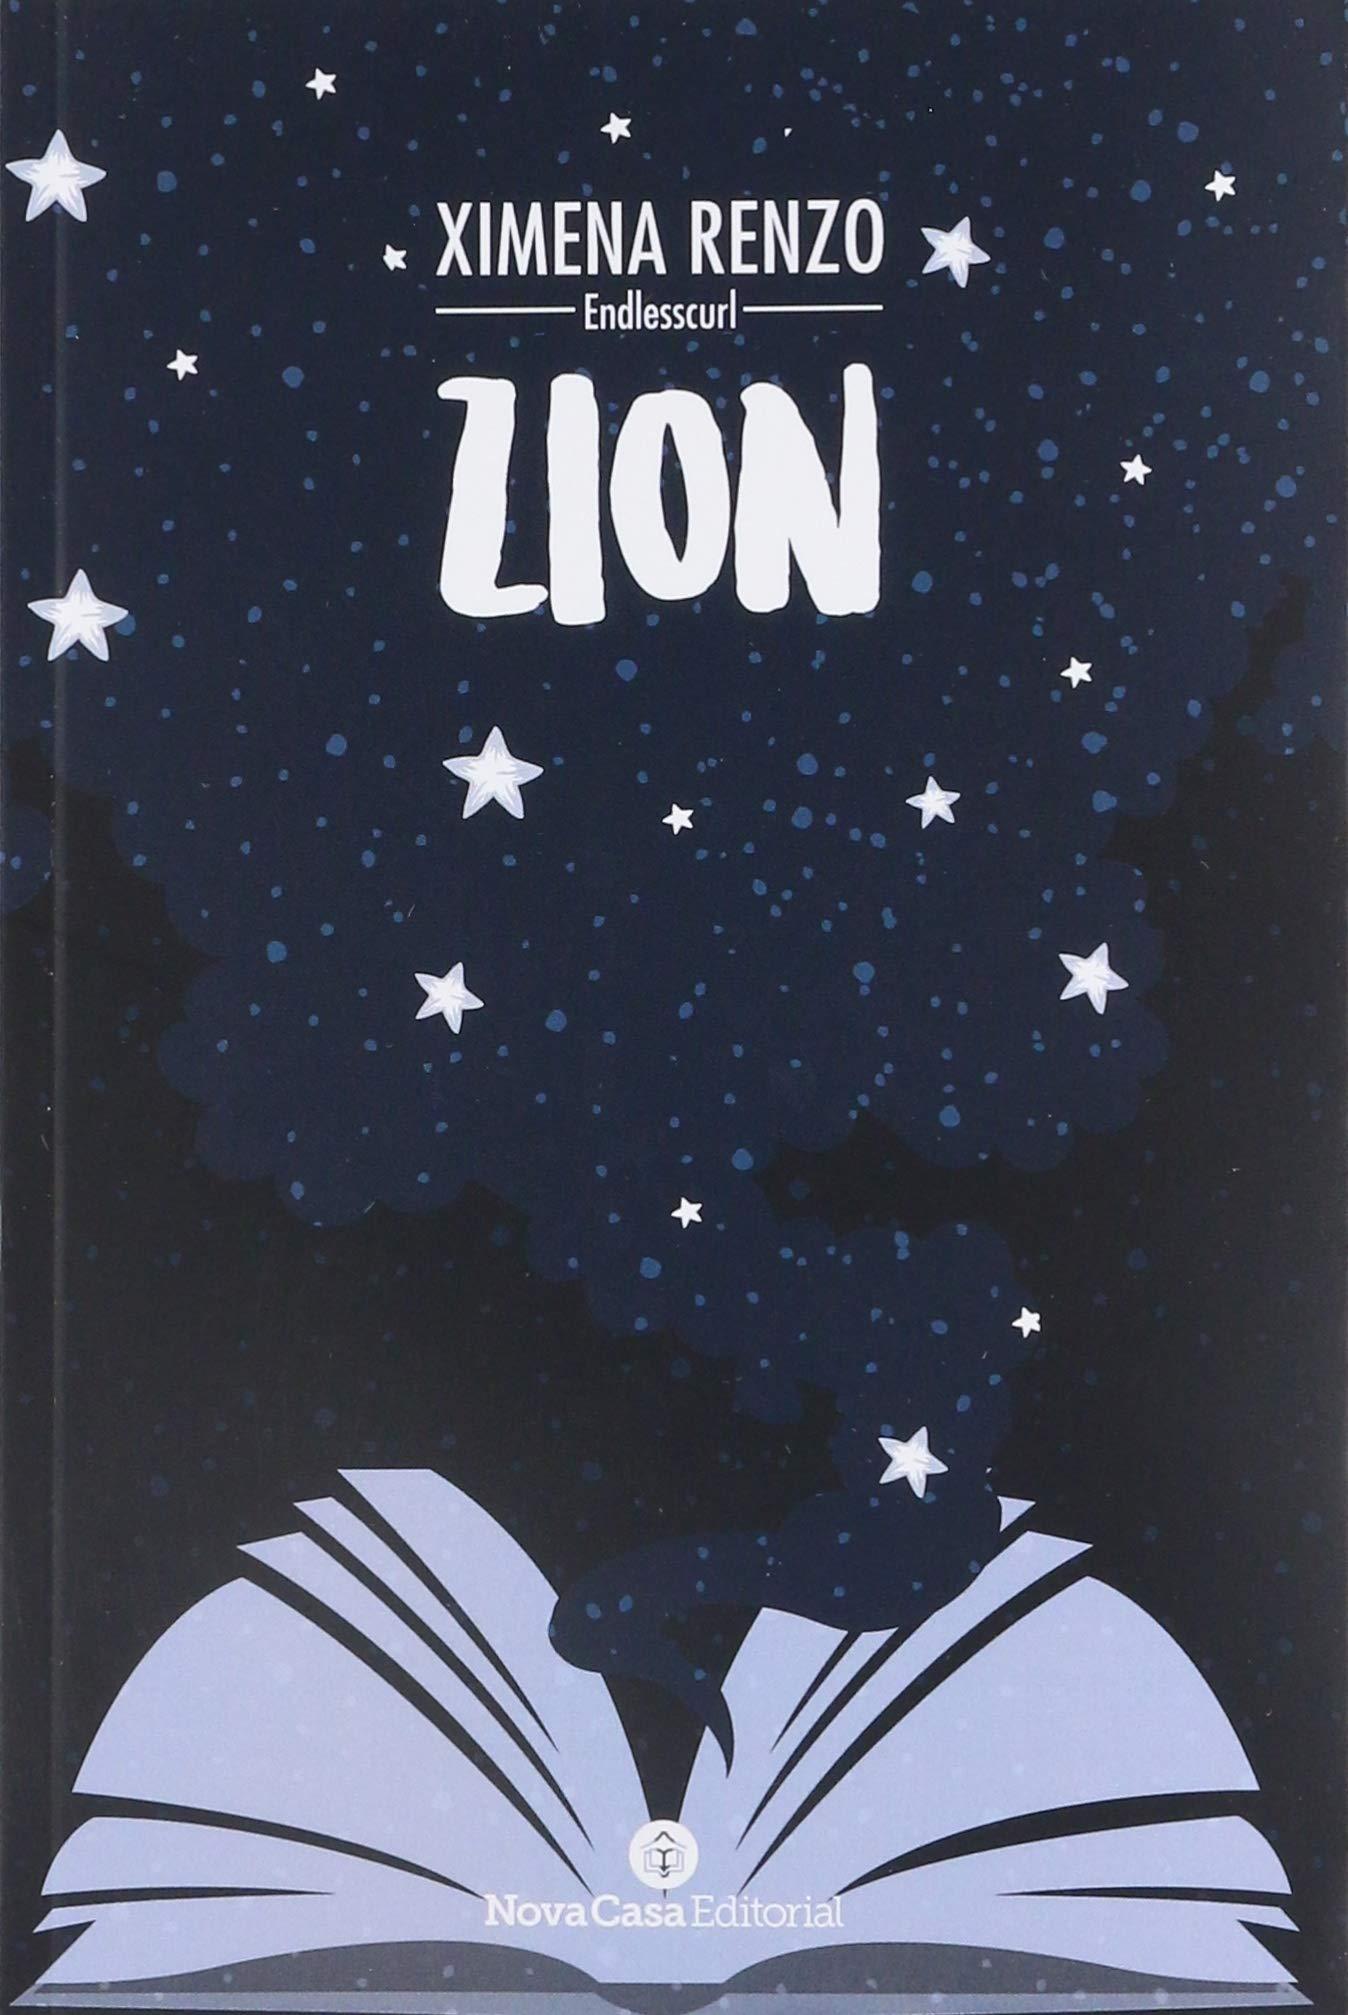 Zion: Amazon.es: Renzo, Ximena: Libros